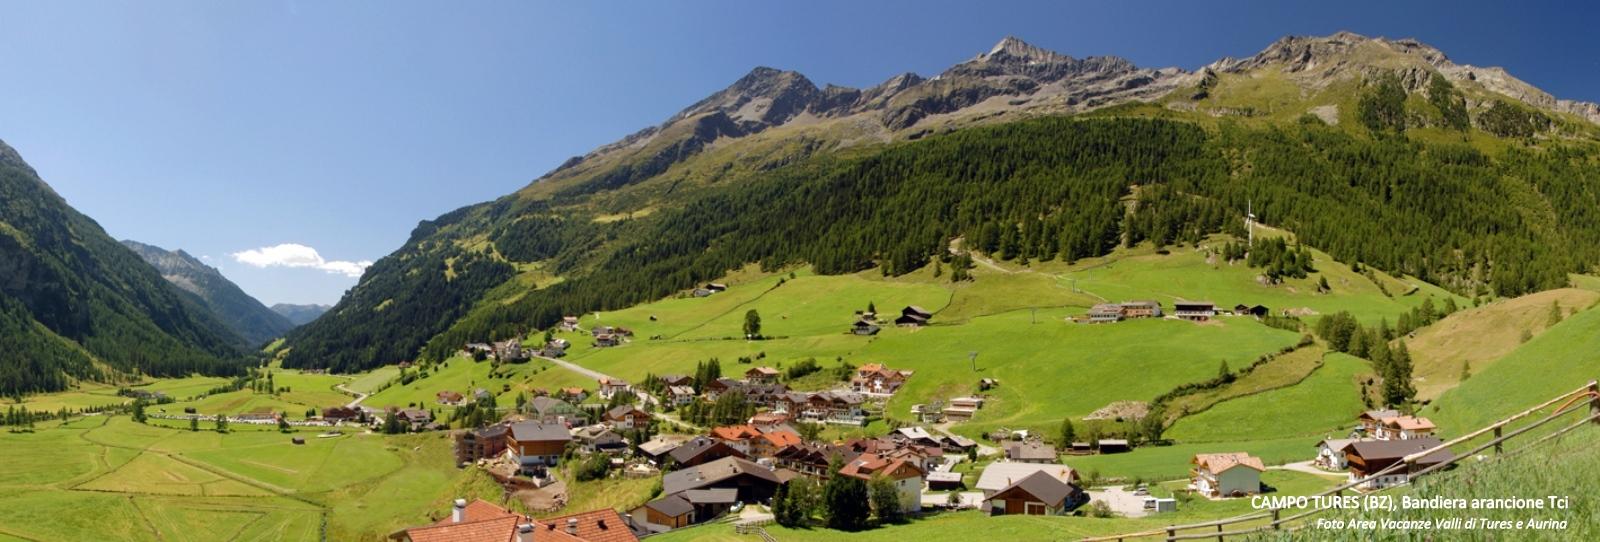 Trentino alto adige for Arredamento trentino alto adige